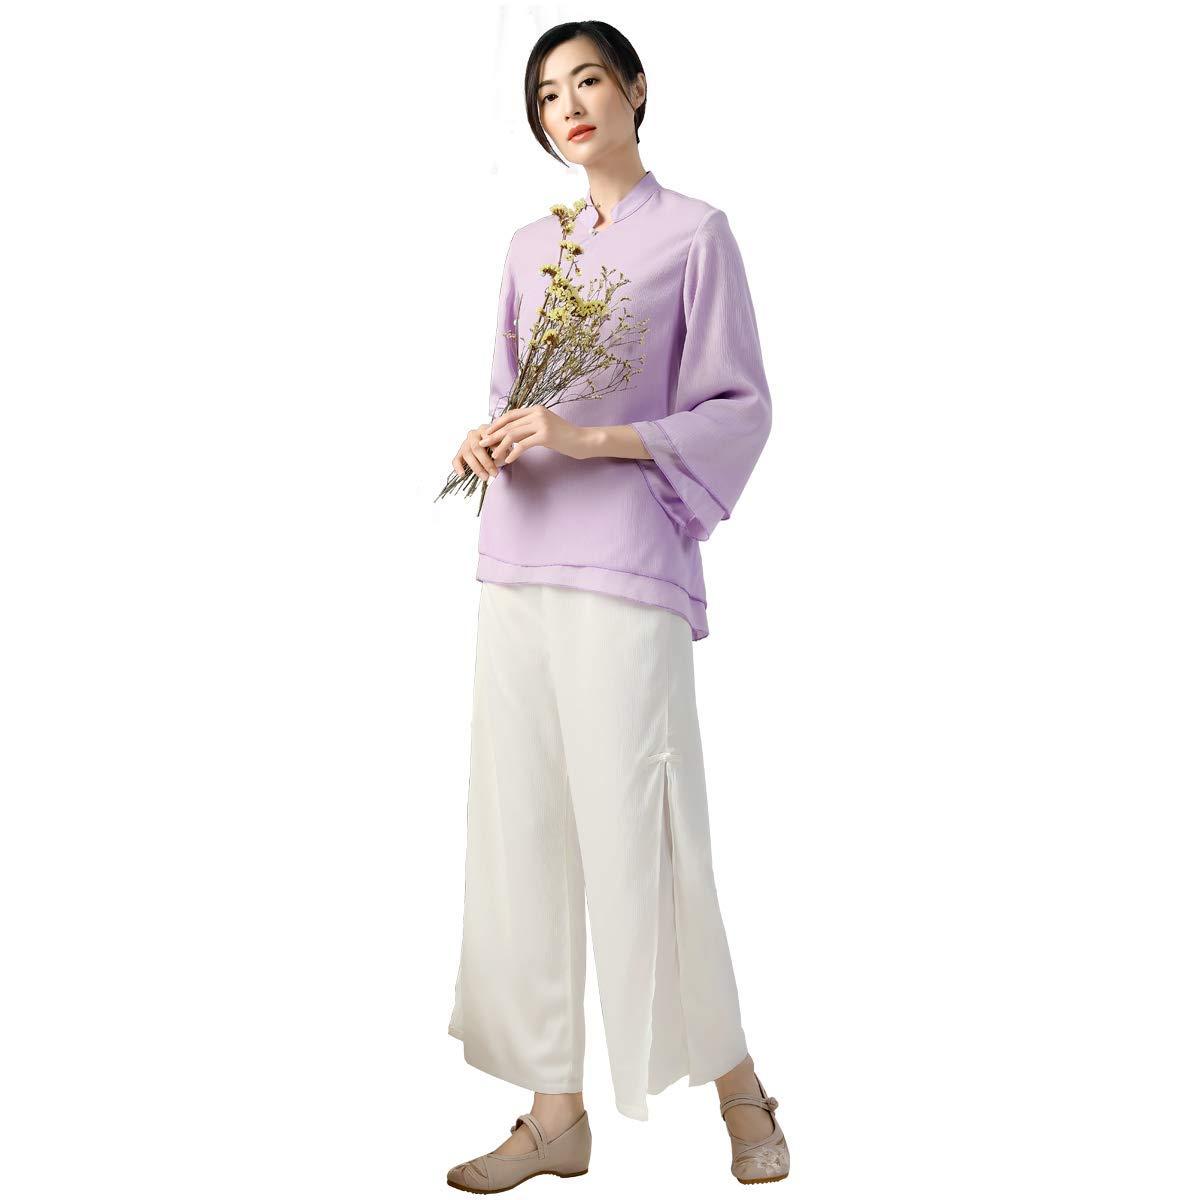 KSUA Abbigliamento da Meditazione in Stile Orientale con Vestiti di Meditazione in Stile Orientale in Chiffon di Yoga da Donna con Colletto in Piedi e Rane Cinesi